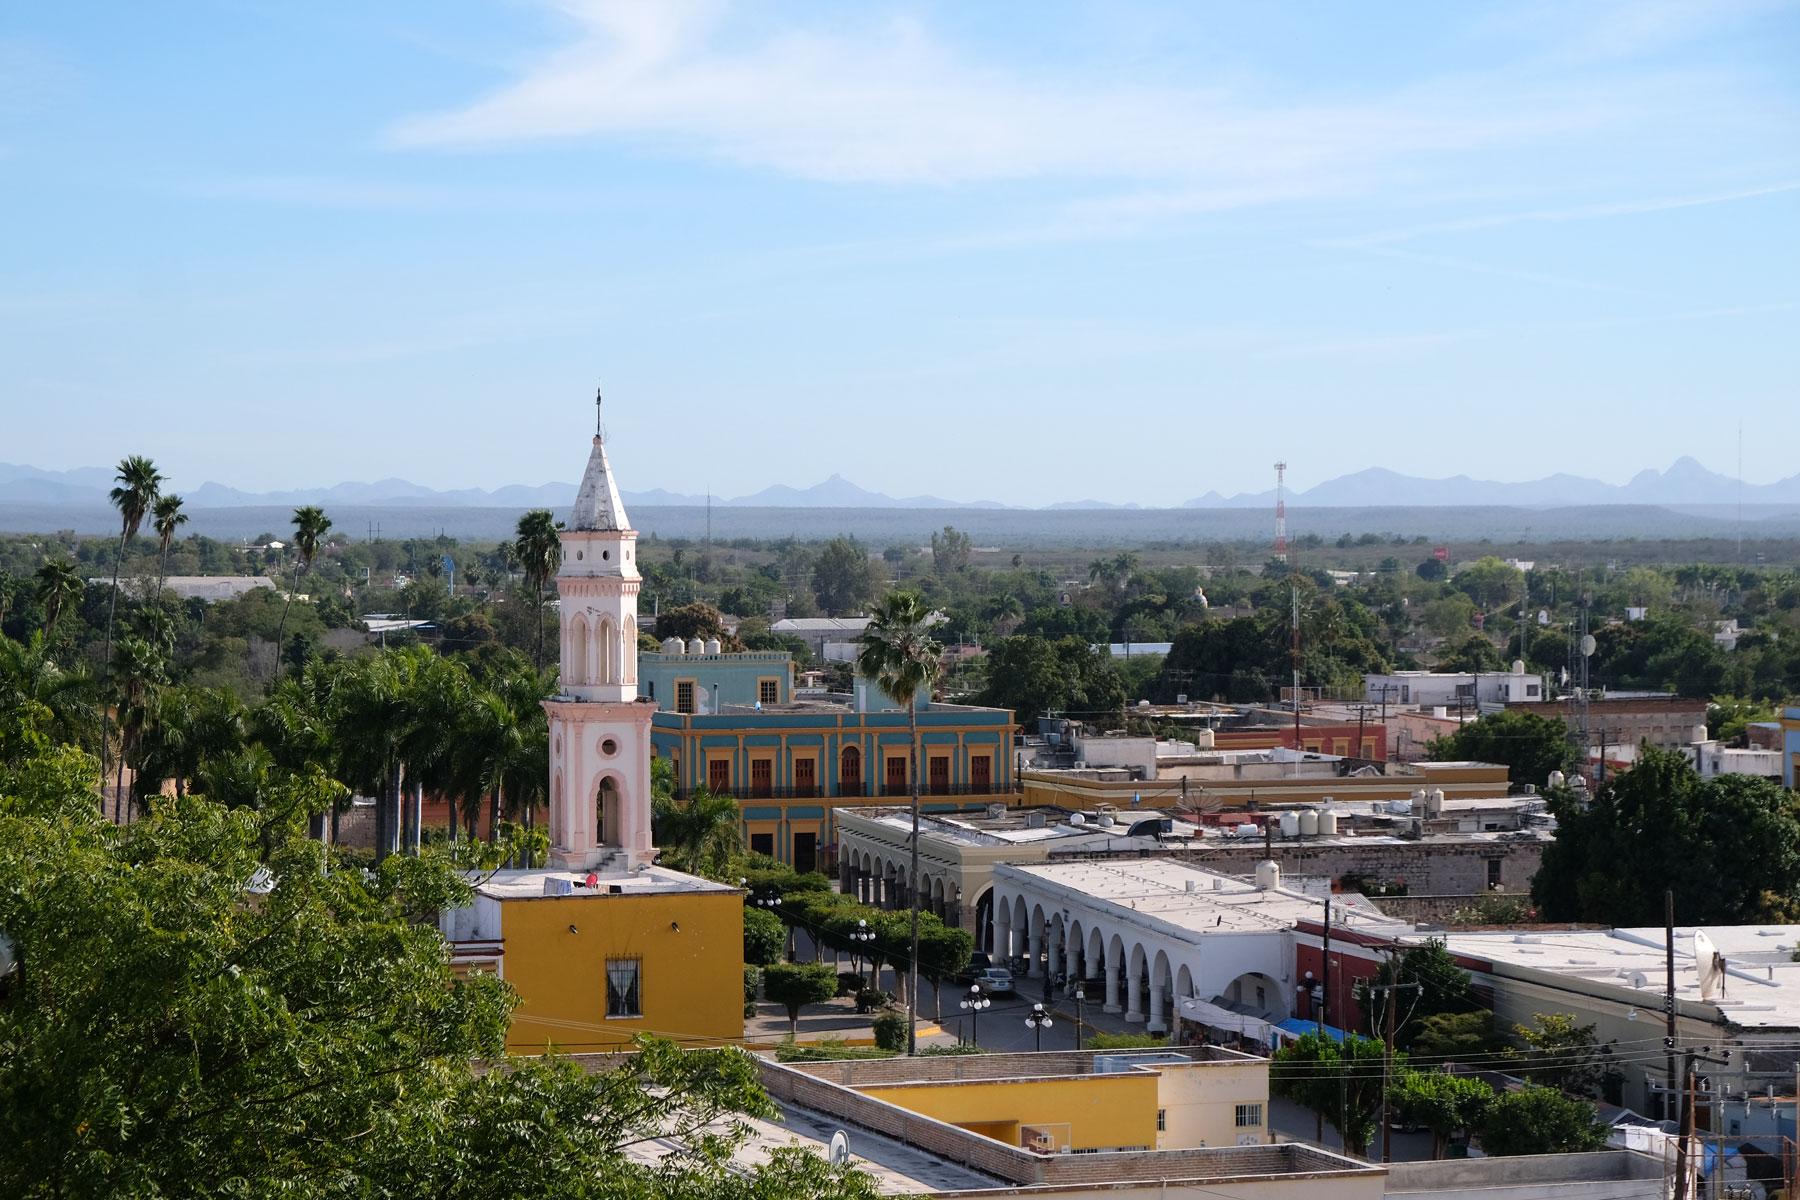 Das pueblo mágico El Fuerte in Mexiko.